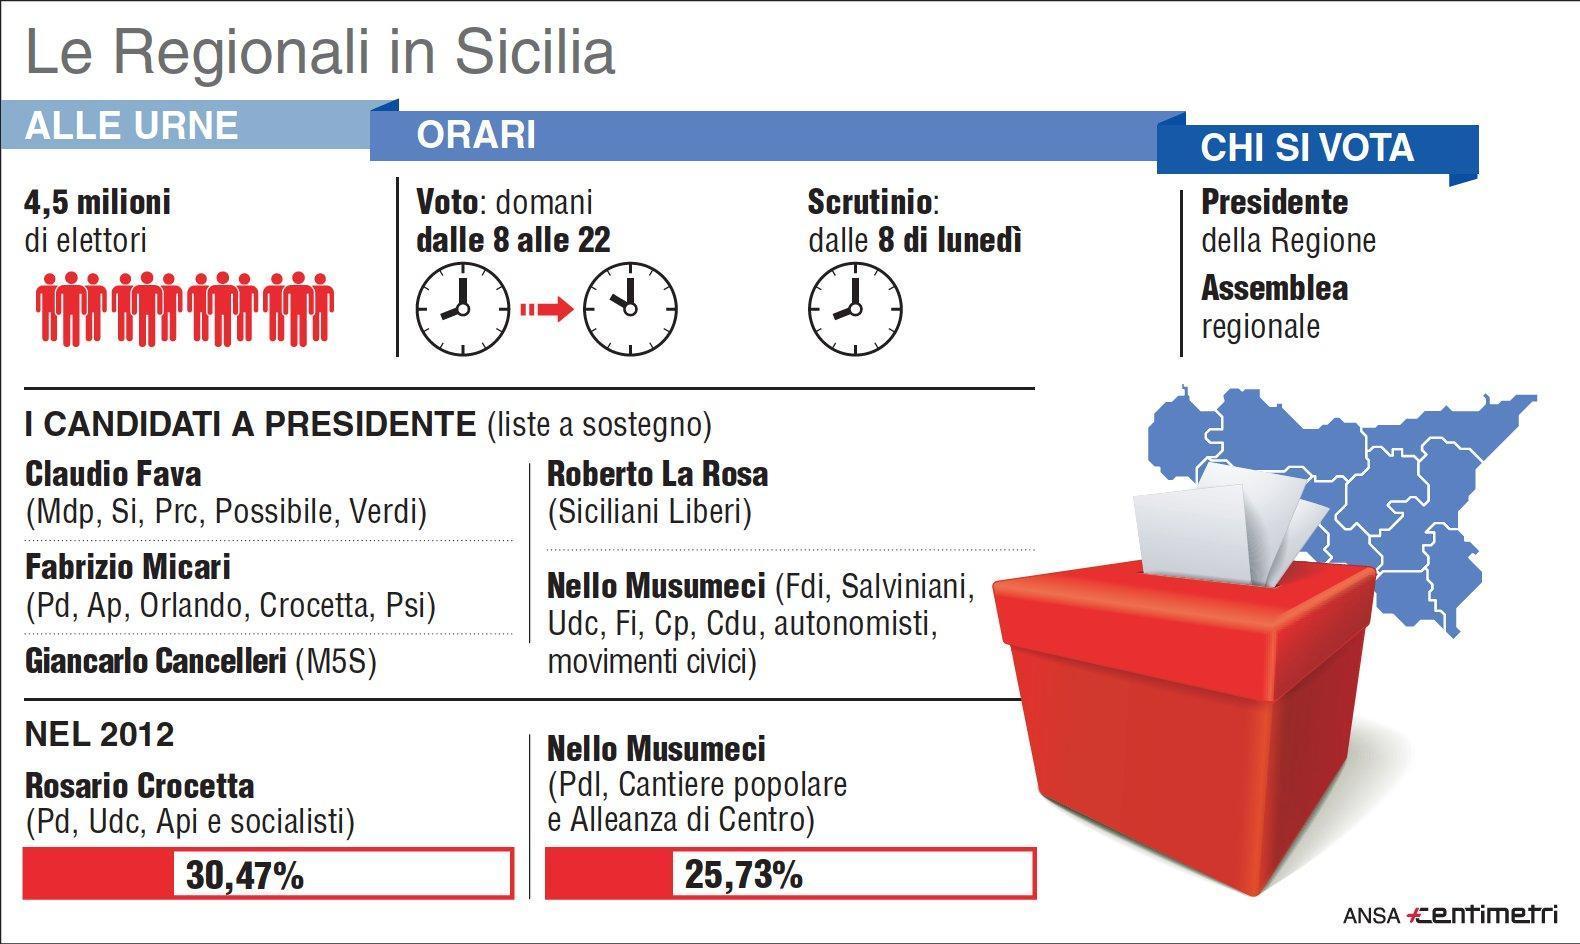 Il vademecum delle elezioni Regionali in Sicilia